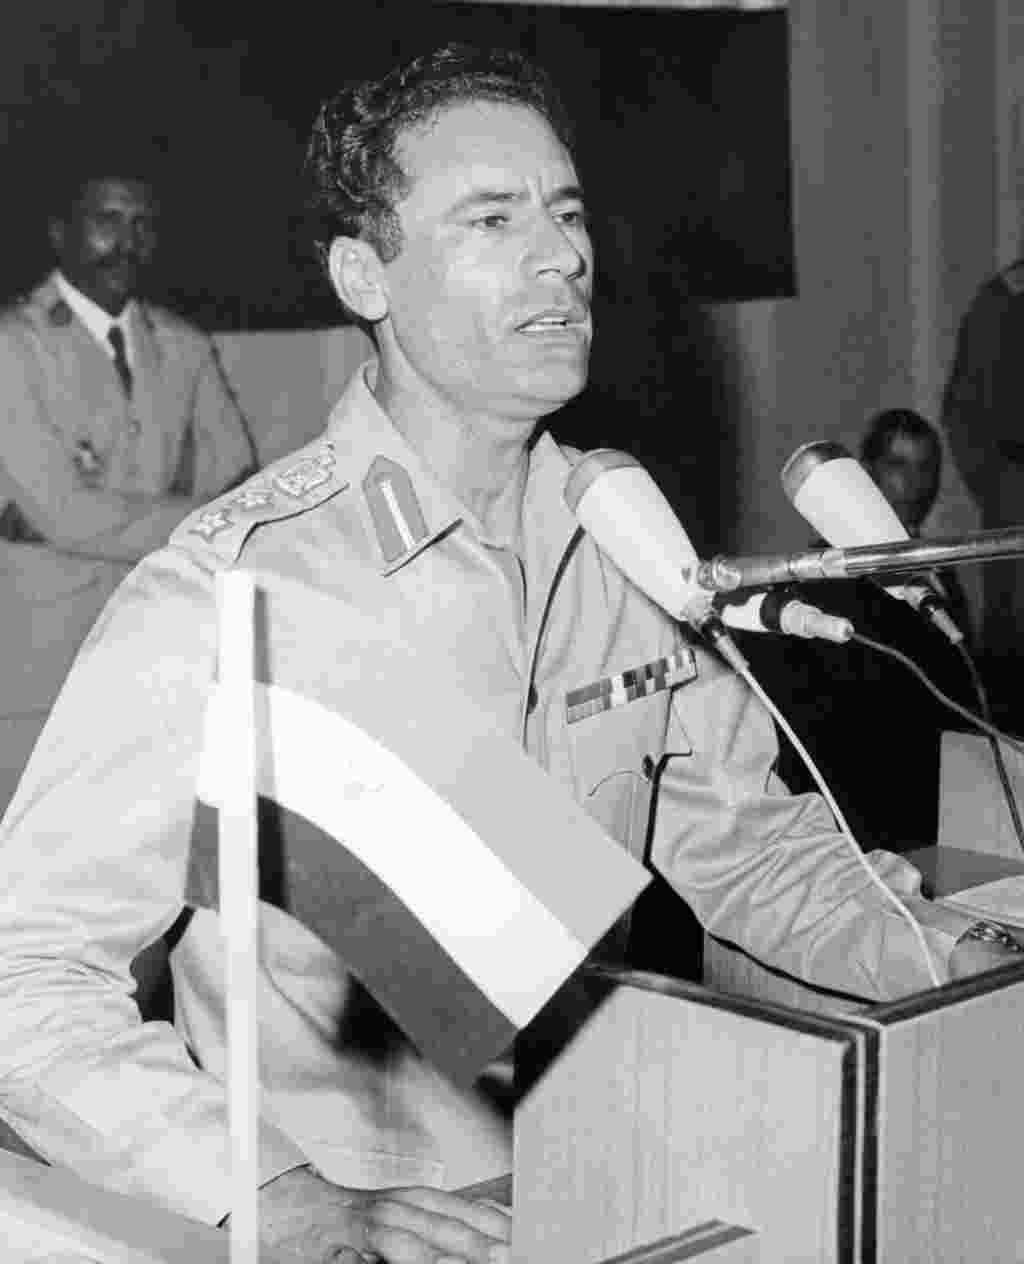 """در پی کوتای اول سپتامبر ۱۹۶۹ علیه سلطان ادریس ، معمر قذافی بعنوان رهبر کشور زمام امور را بدست گرفت و بنام """" آزادی، سوسیالیسم و اتحاد"""" حکومت لیبی را جماهیر خلق سوسیالیت اعلام کرد."""